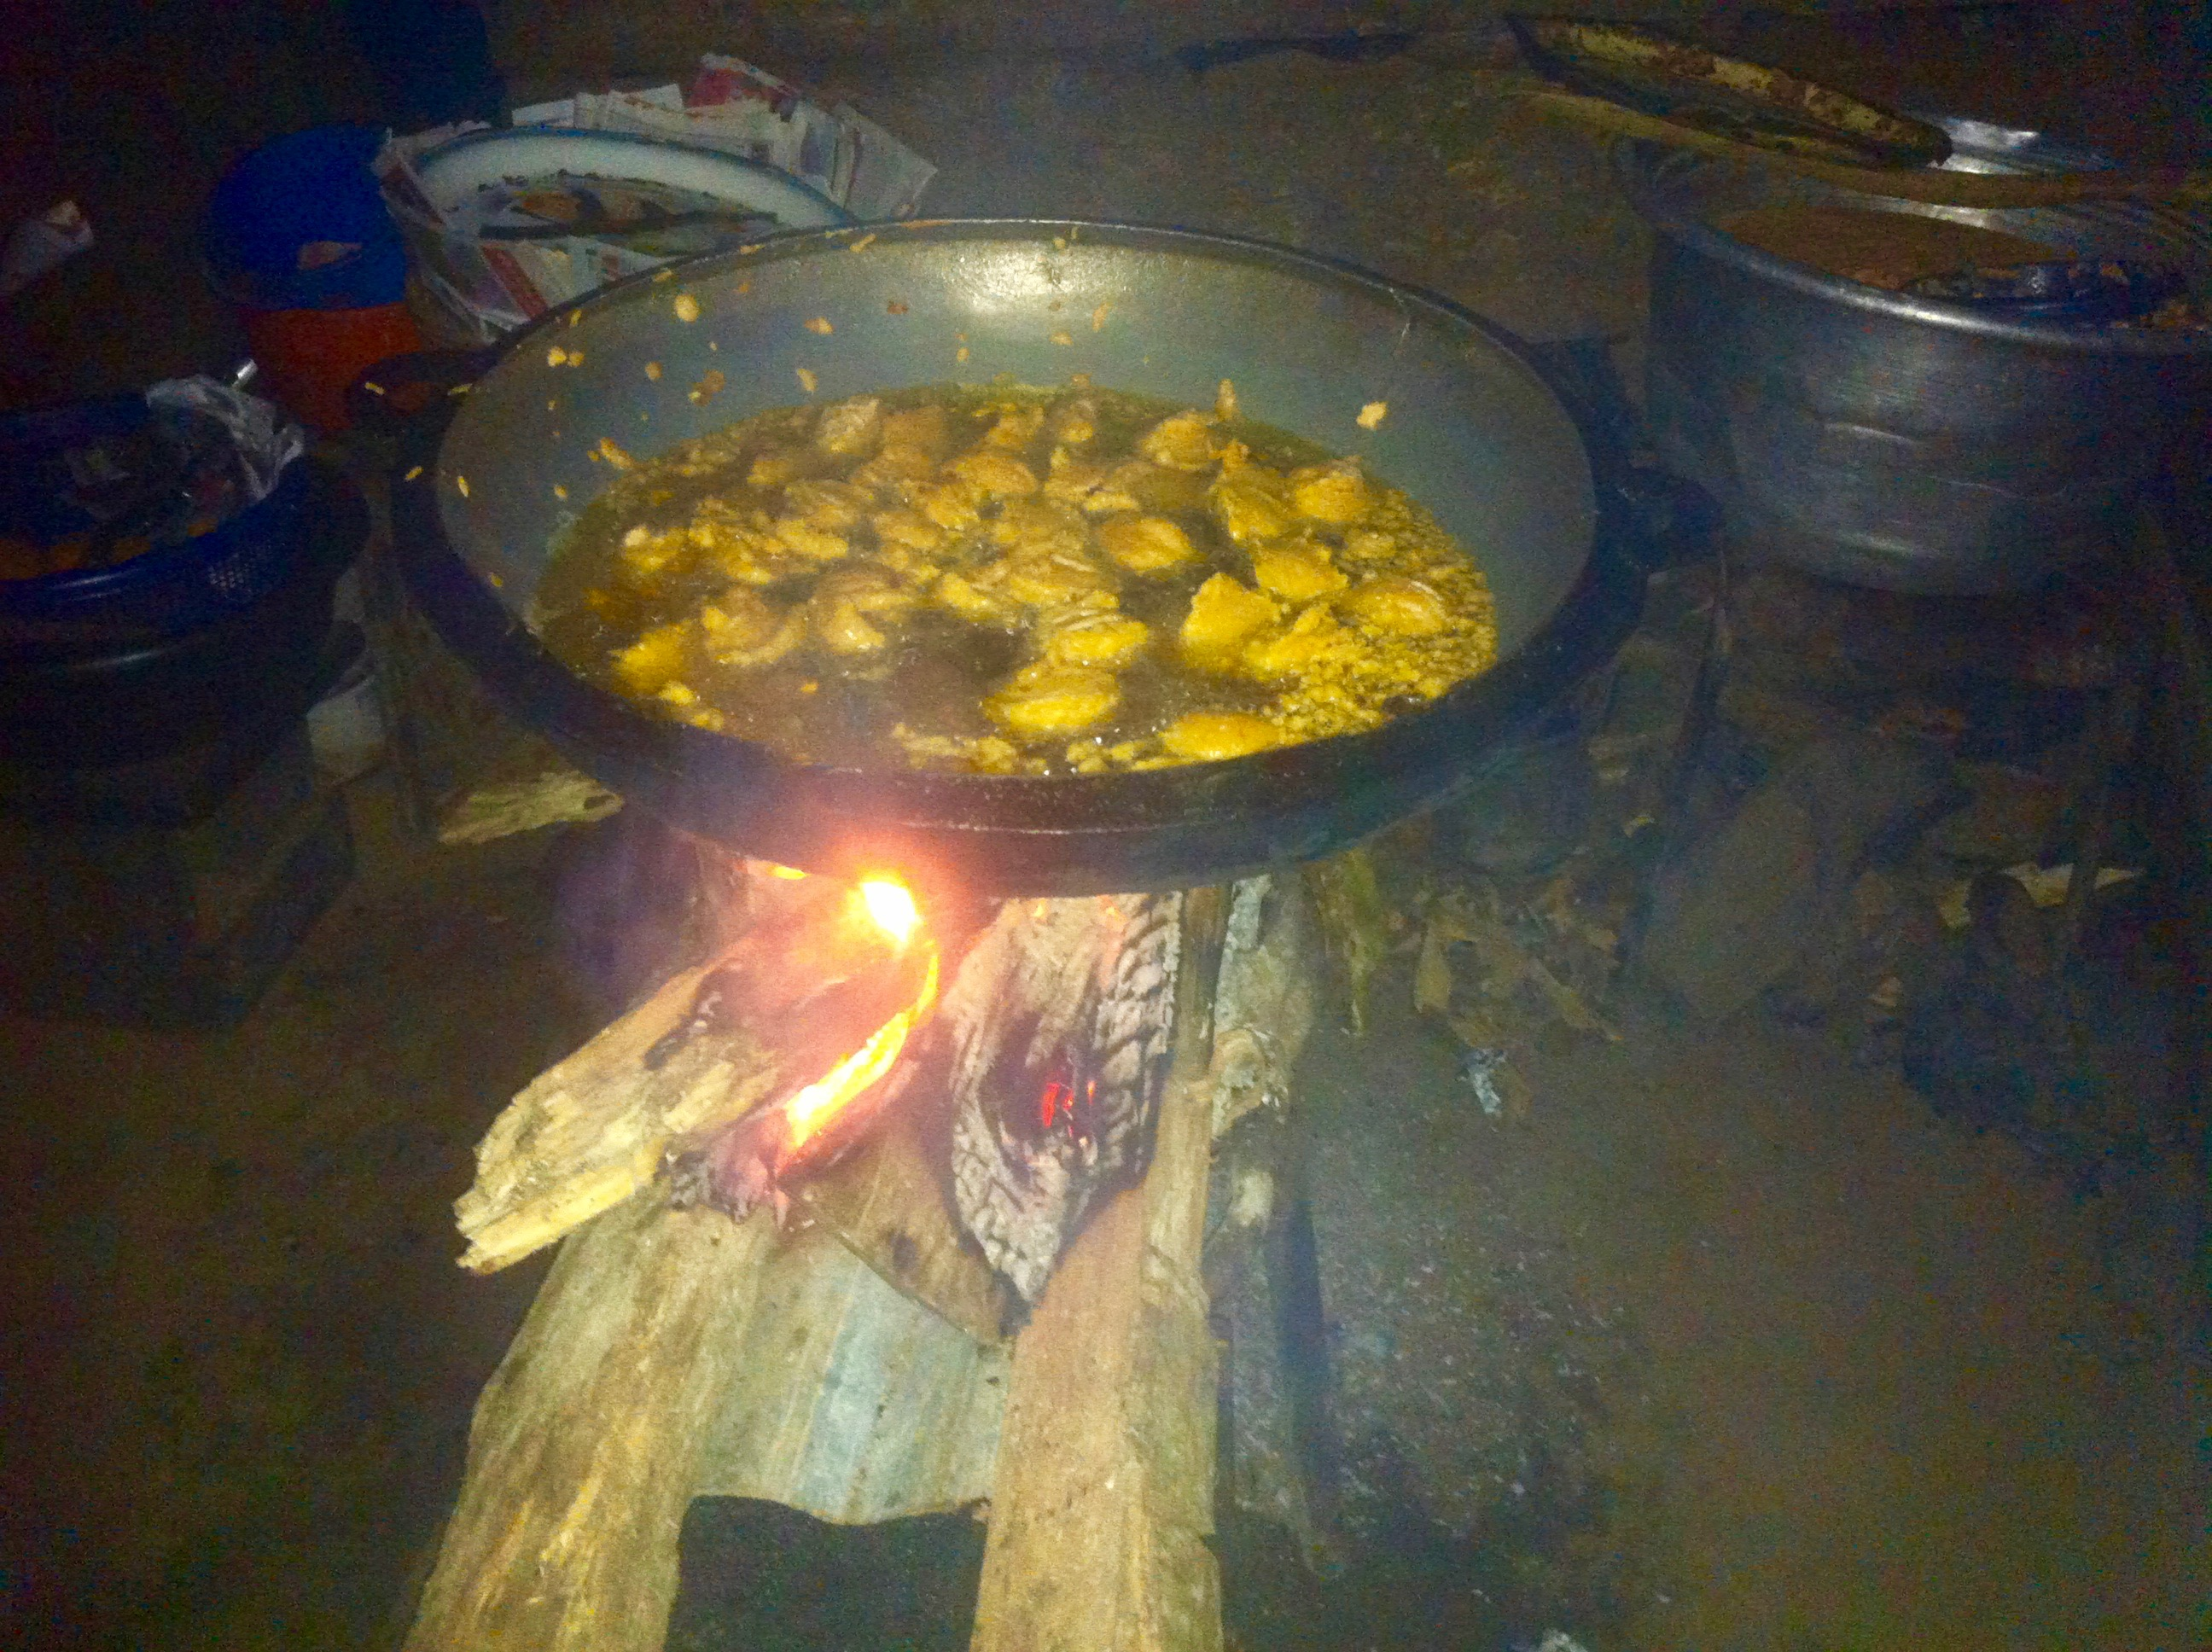 Frying akara in Ilaje, Osun Nigeria.